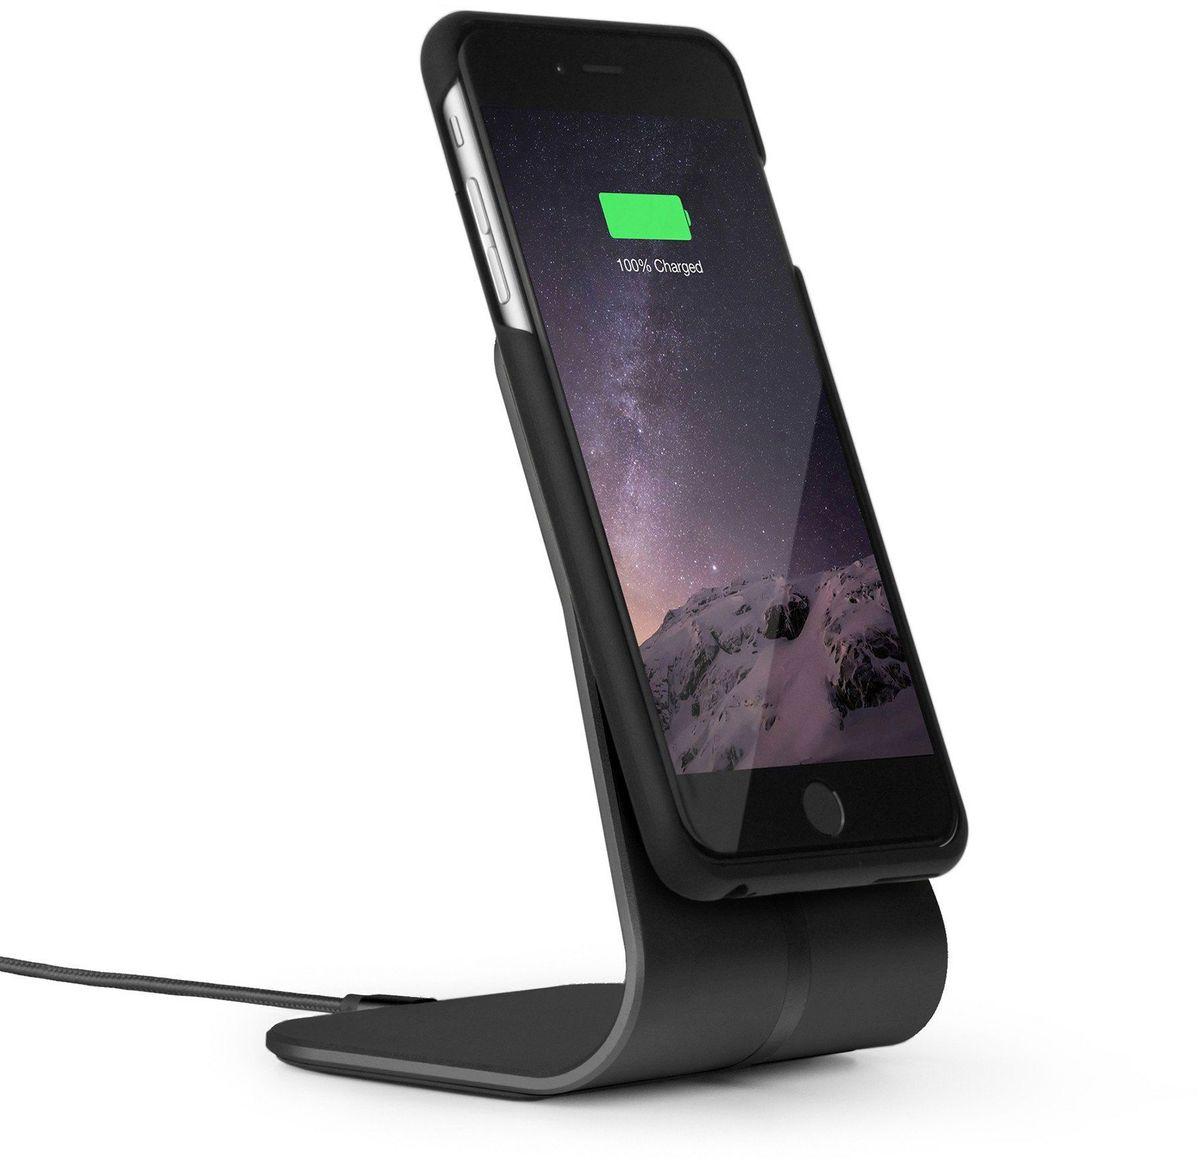 Xvida Charging Office Kit, Black беспроводное зарядное устройство для iPhone 7 Plus (WOKIS-01B-EU)WOKIS-01B-EUКомплект из магнитной док-станции на подставке и чехла для IPhone 7 Plus, 6s Plus, 6 Plus с приемником для беспроводной зарядки. Алюминиевая док-станция снабжена многоразовыми липучими ножками в основании, что обеспечит надежную фиксацию на рабочей поверхности. Ультратонкий и легкий кейс выполнен из качественного софт-тач пластика с мягким покрытием внутри. Зарядка происходит в соответствии со стандартом Qi, по принципу индукционной передачи энергии. Магнитное крепление чехла совместимо со всеми зарядными устройствами и креплениями XVIDA. Зарядка при этом возможна от любого устройства с технологией Qi.• Скорость зарядки на 50% быстрее.• Доступ ко всем разъемам и кнопкам смартфона.• Магнитное крепление смартфона.• Сквозной разъем Lightning на чехле.• Стандарт питания Qi.• Размер док-станции: 230 х 260 х 160 мм.• Длина кабеля: 1 м.• USB адаптер для евро-розетки 220В в комплекте.